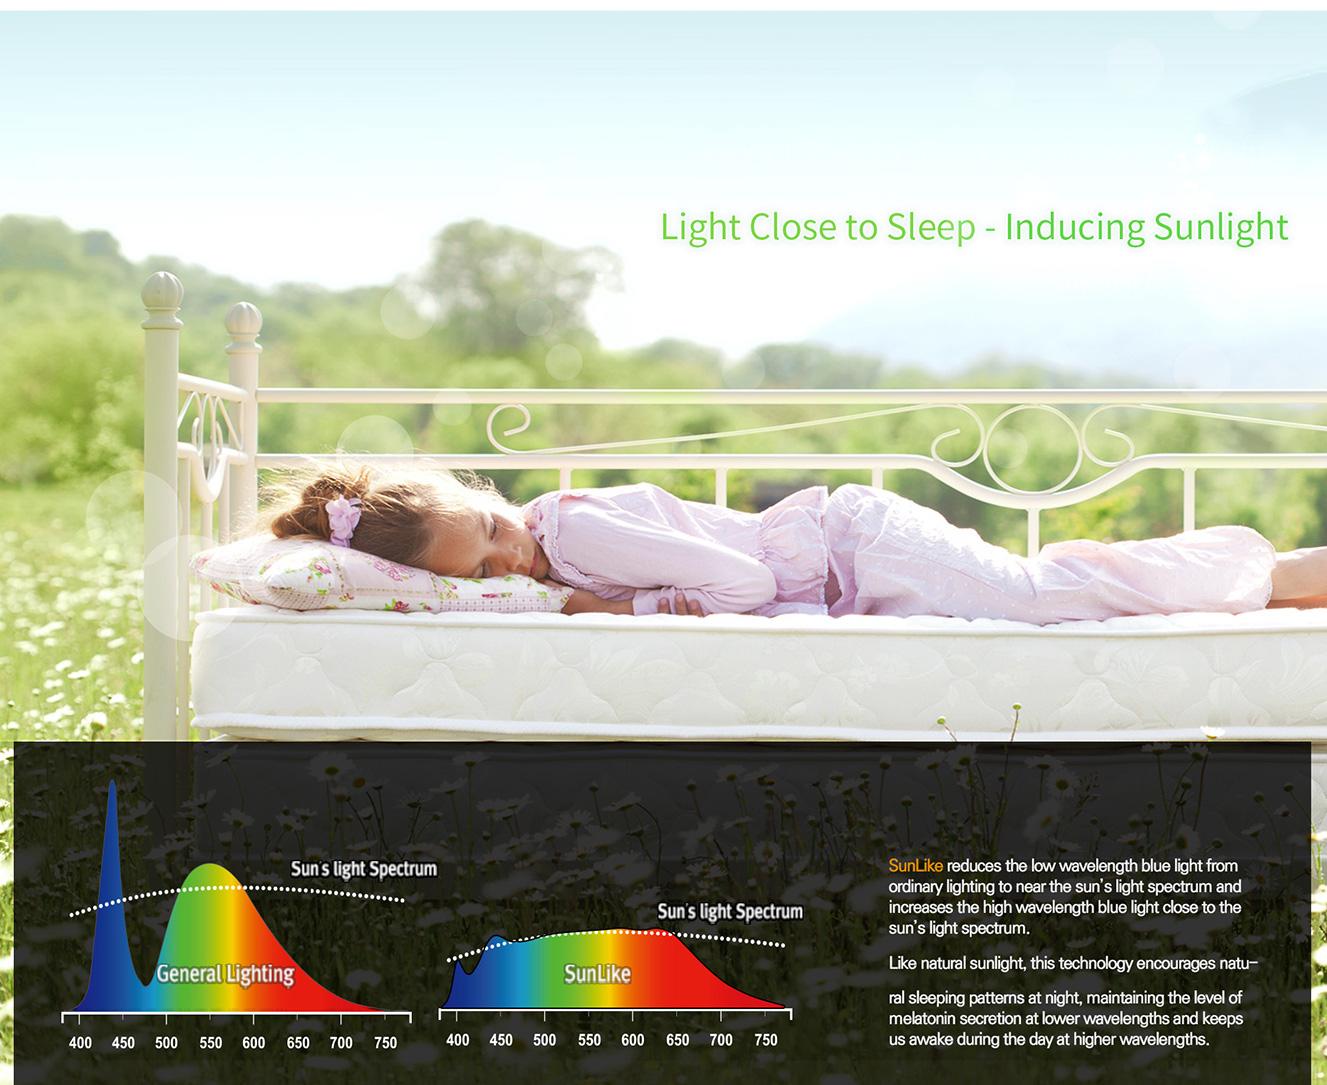 I LED Seoul SunLike LED alleviano lo sforzo visivo e migliorano i modelli di sonno, due studi di ricerca suggeriscono che